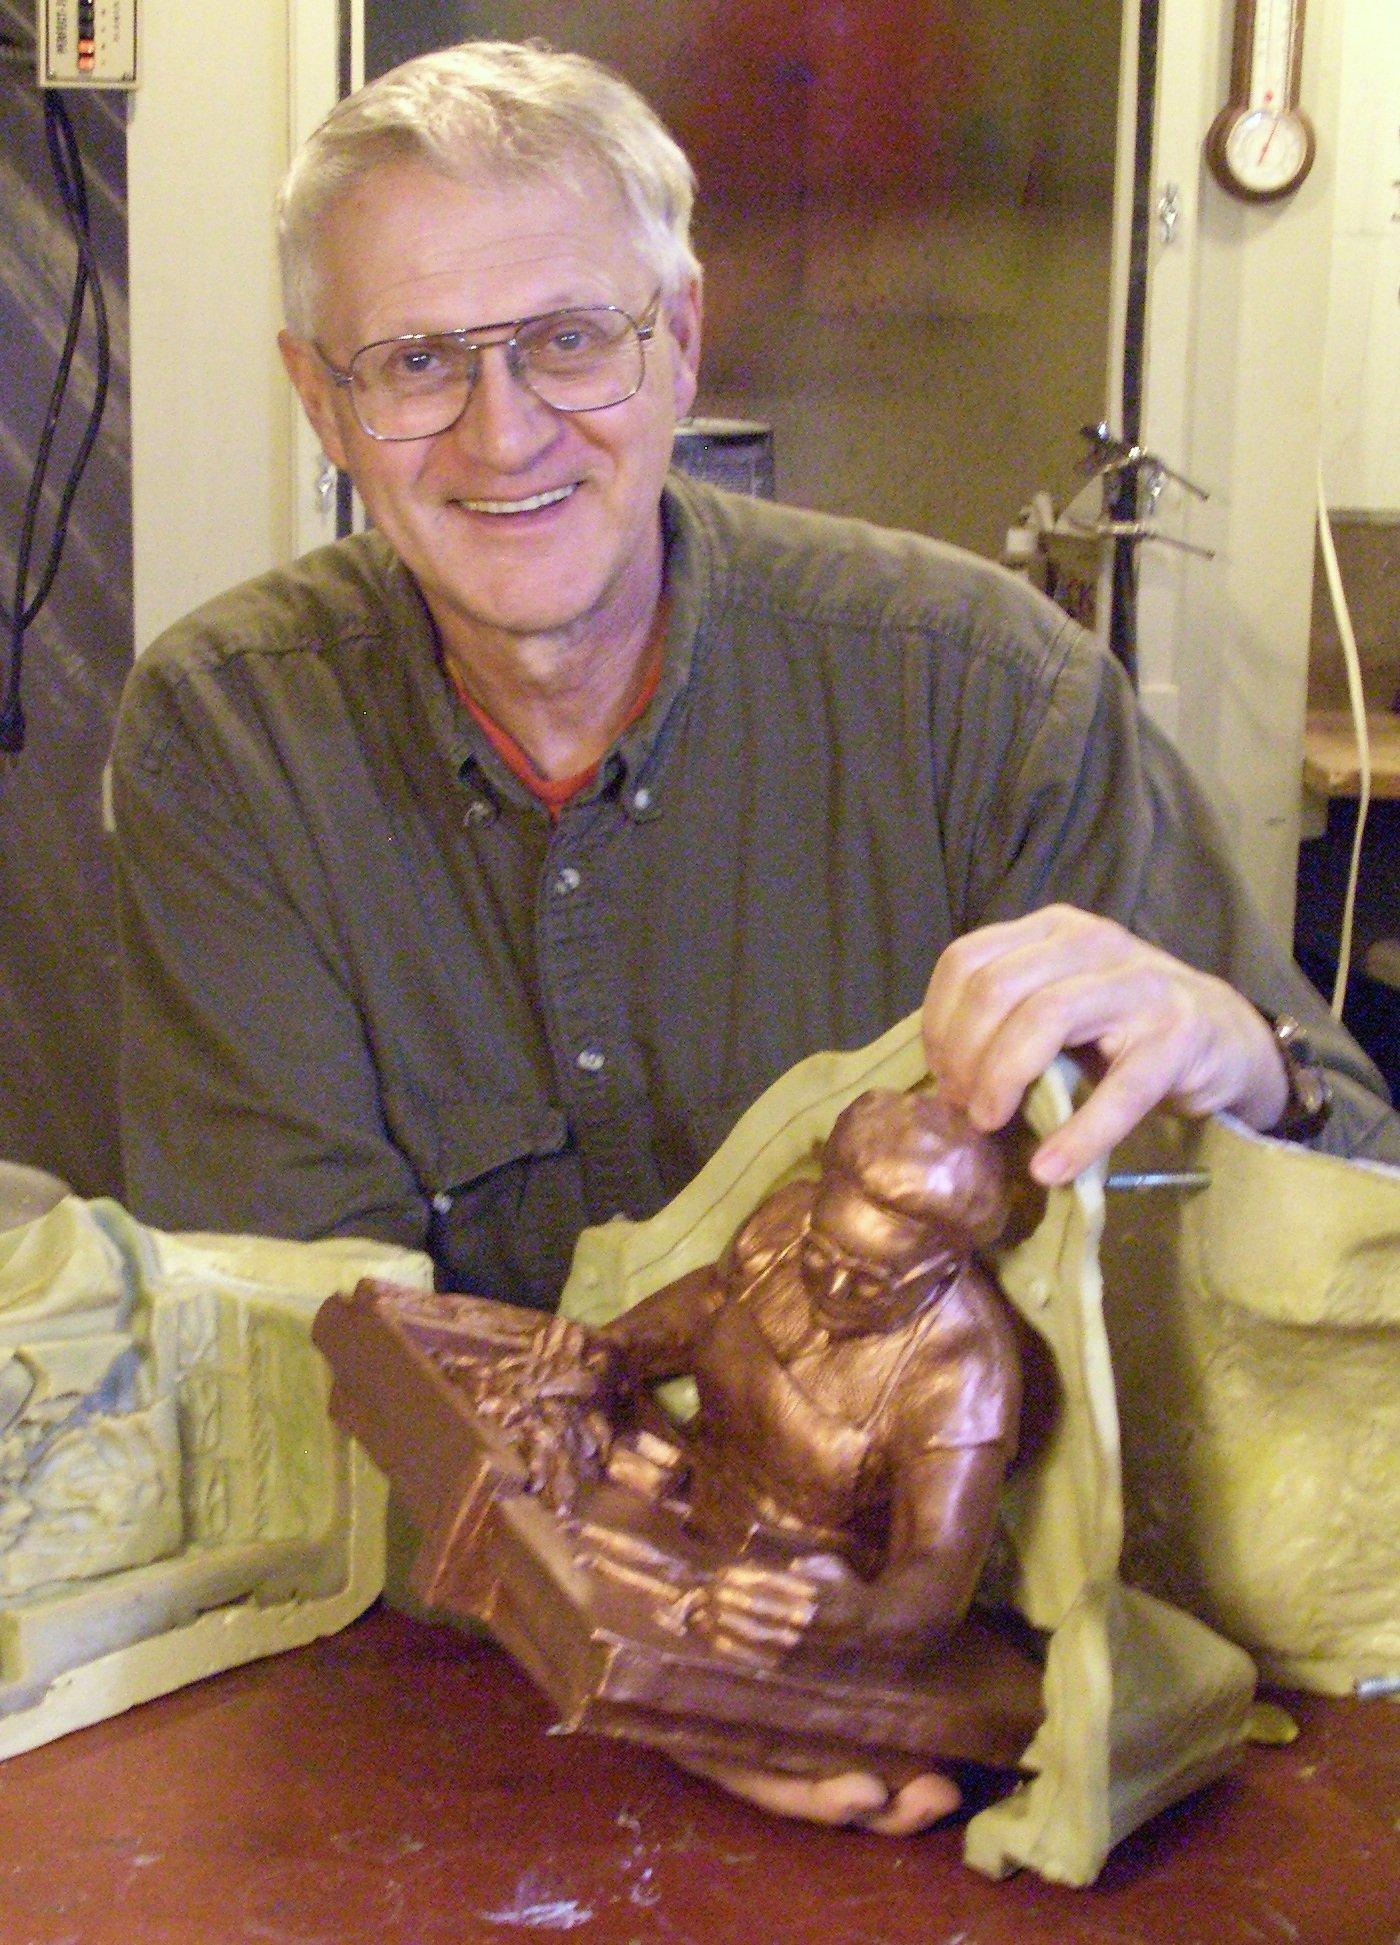 Dana McEacharn, sculptor since 1972